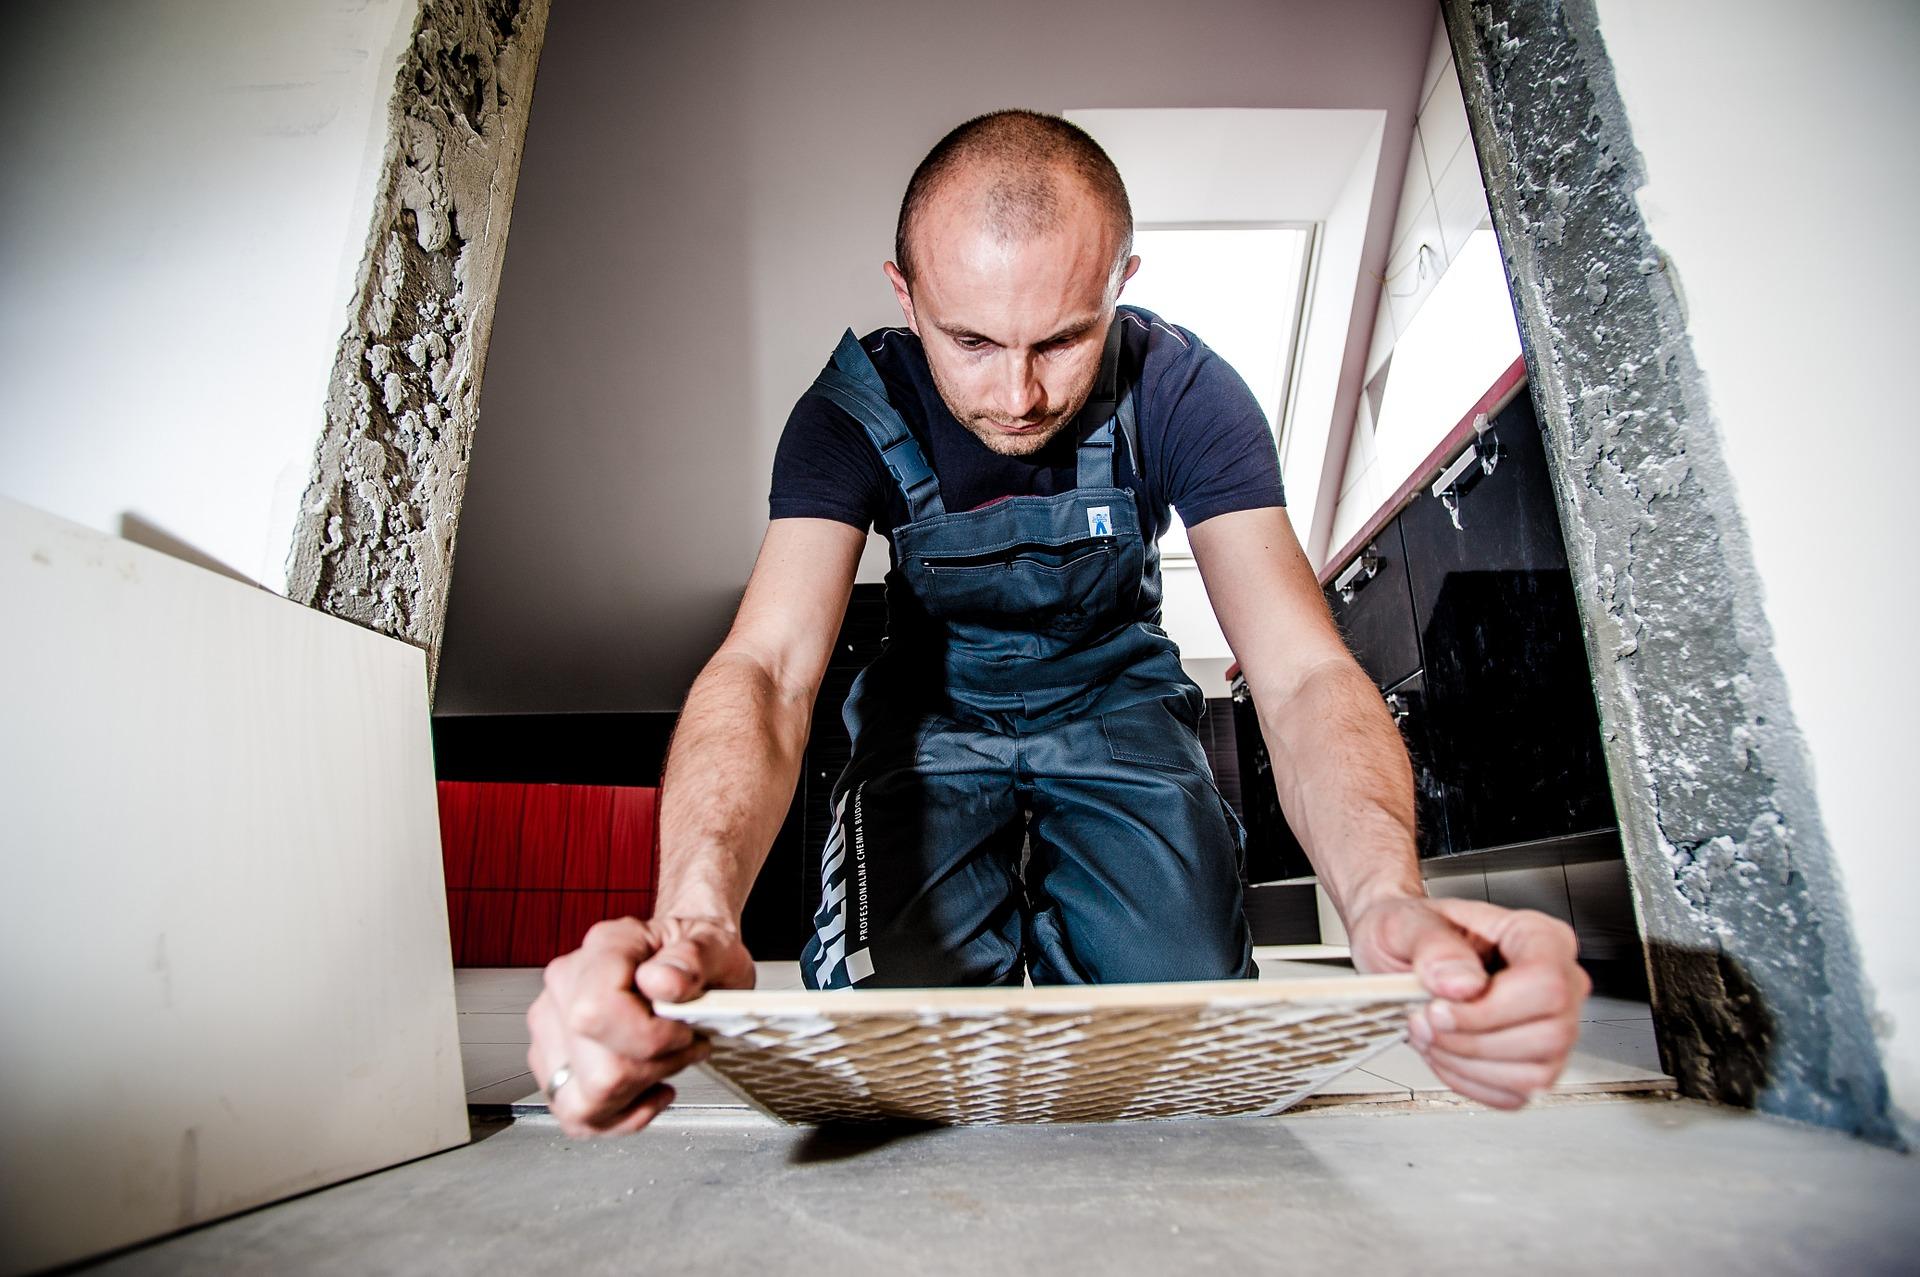 Řemeslníci pracují v ucelených partách